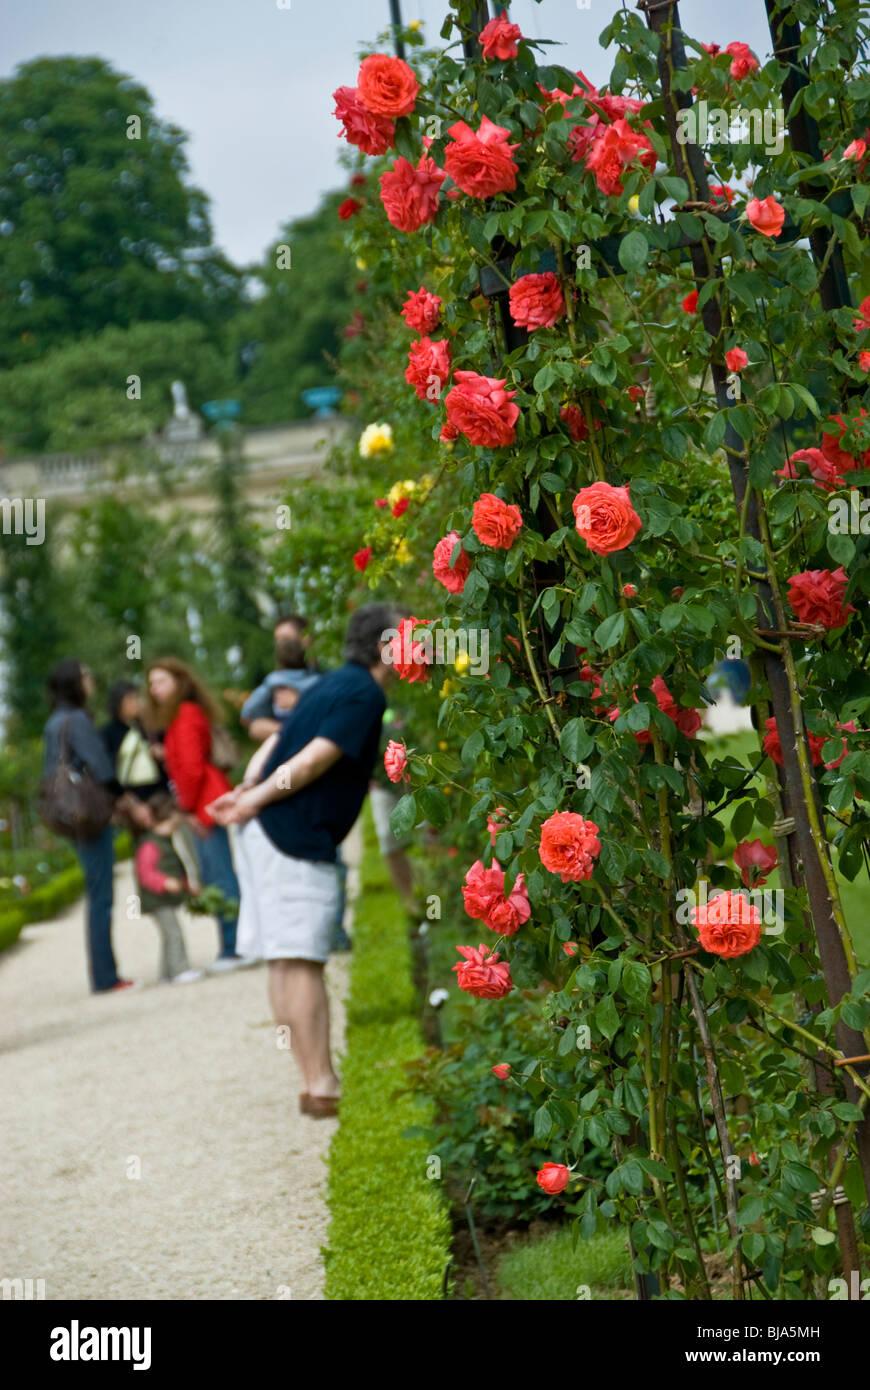 Paris, France, Public Parks, People Visiting Rose Garden in 'Bois de Boulogne' Park - Stock Image